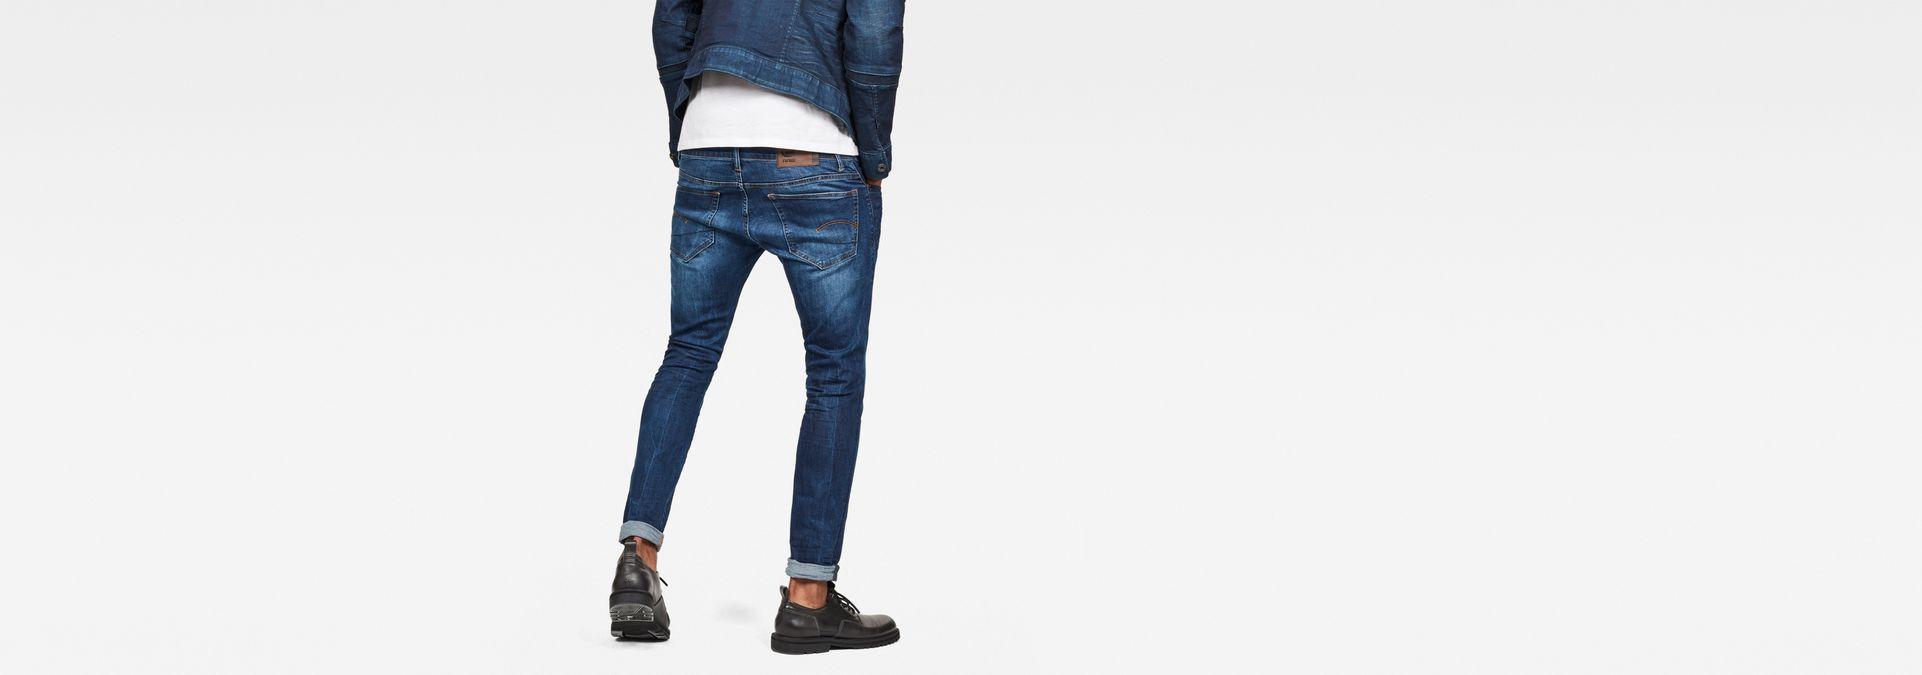 1479f650a2b ... G-Star RAW® 3301 Deconstructed Super Slim Jeans Medium blue ...